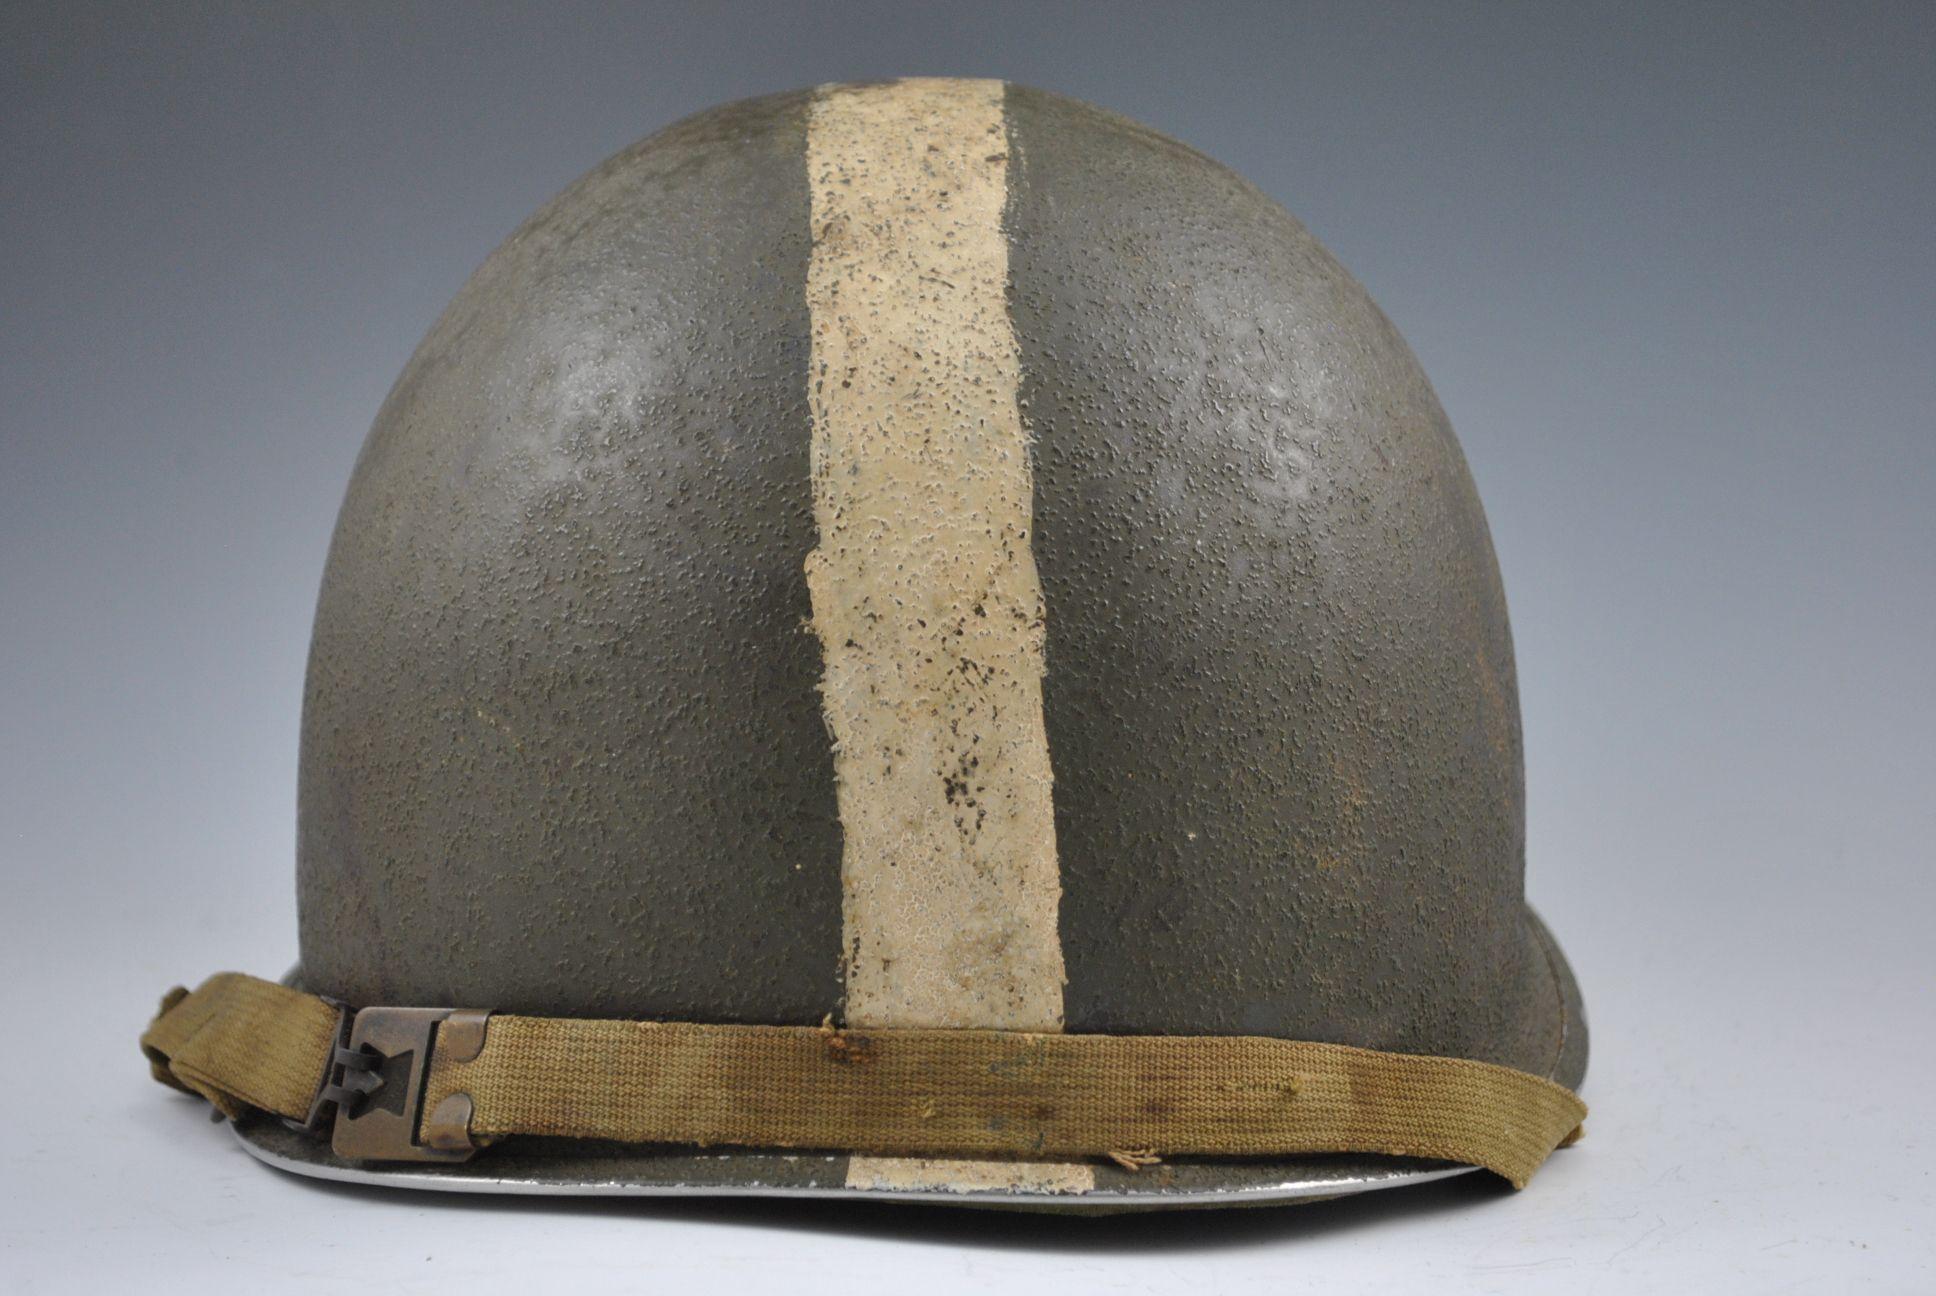 Us Ww2 Helmet Rank Markings : Ash Cycles